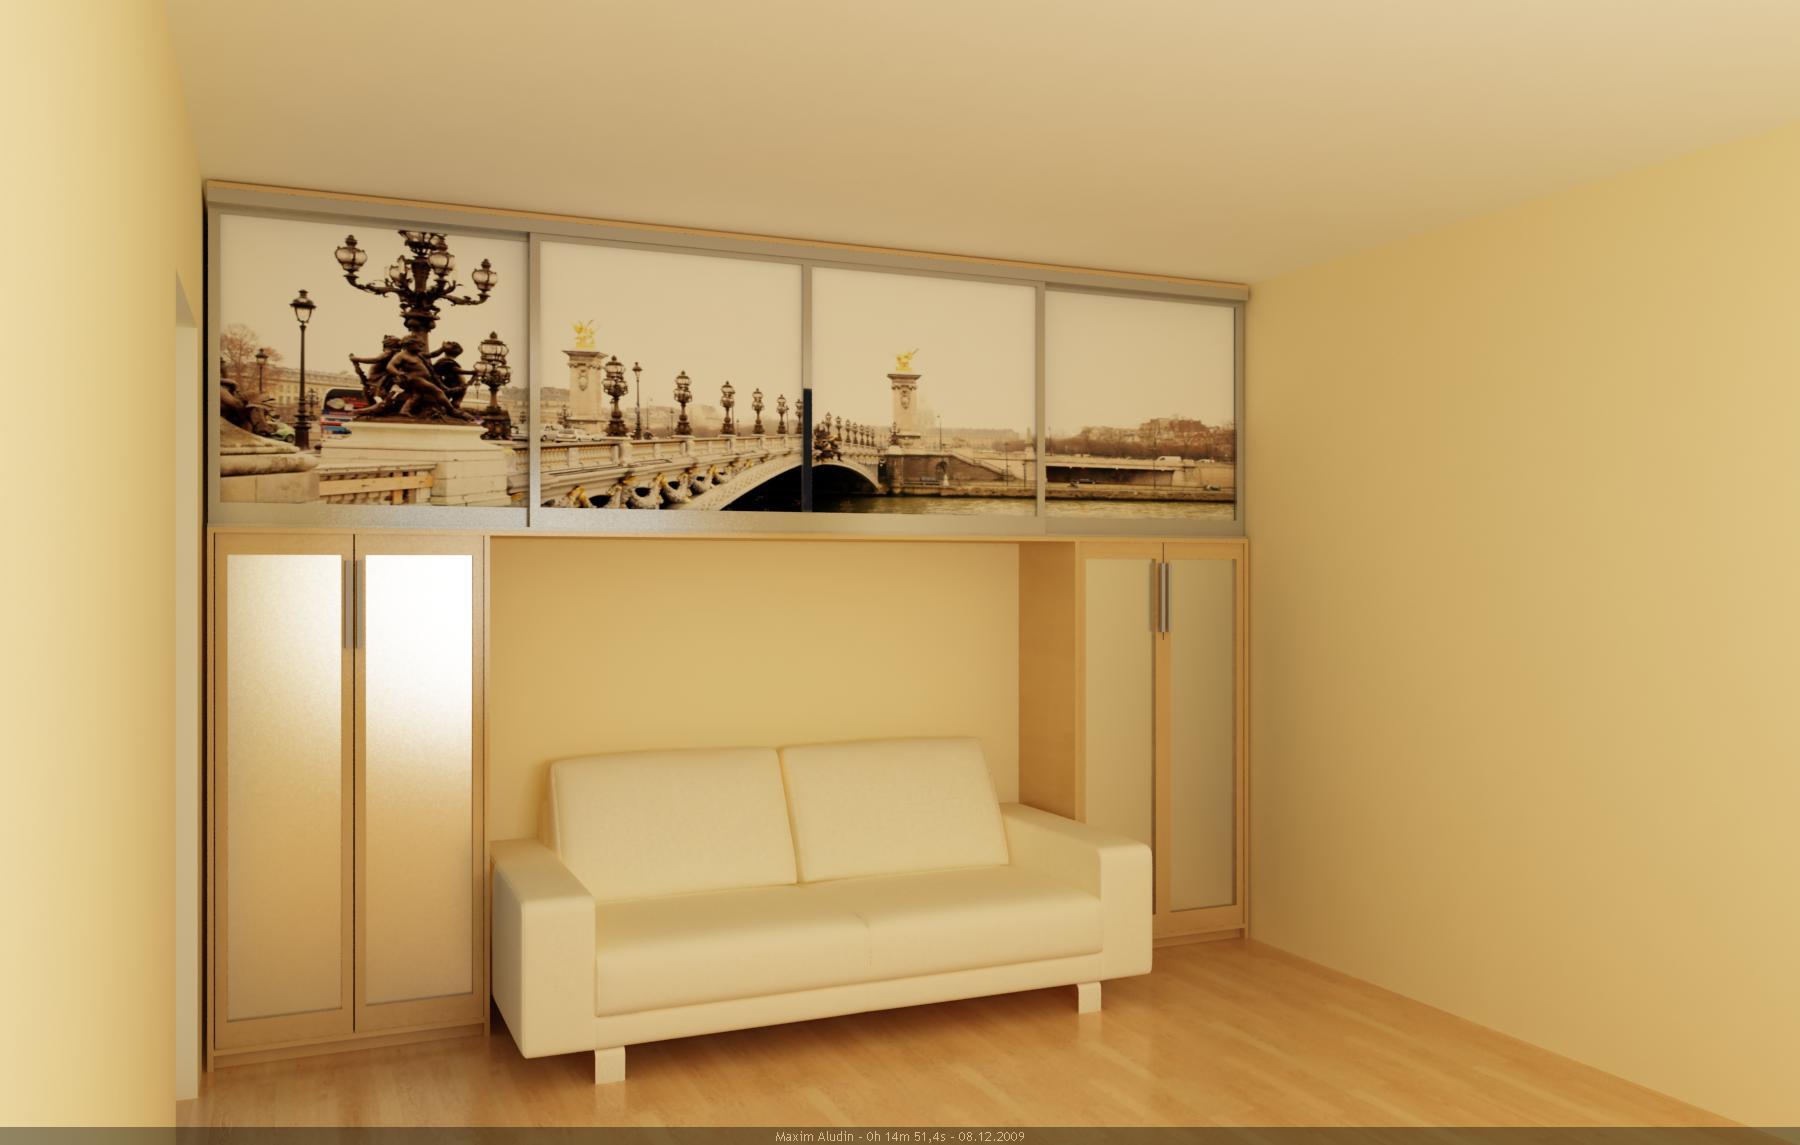 фотографии мебели высокого качества